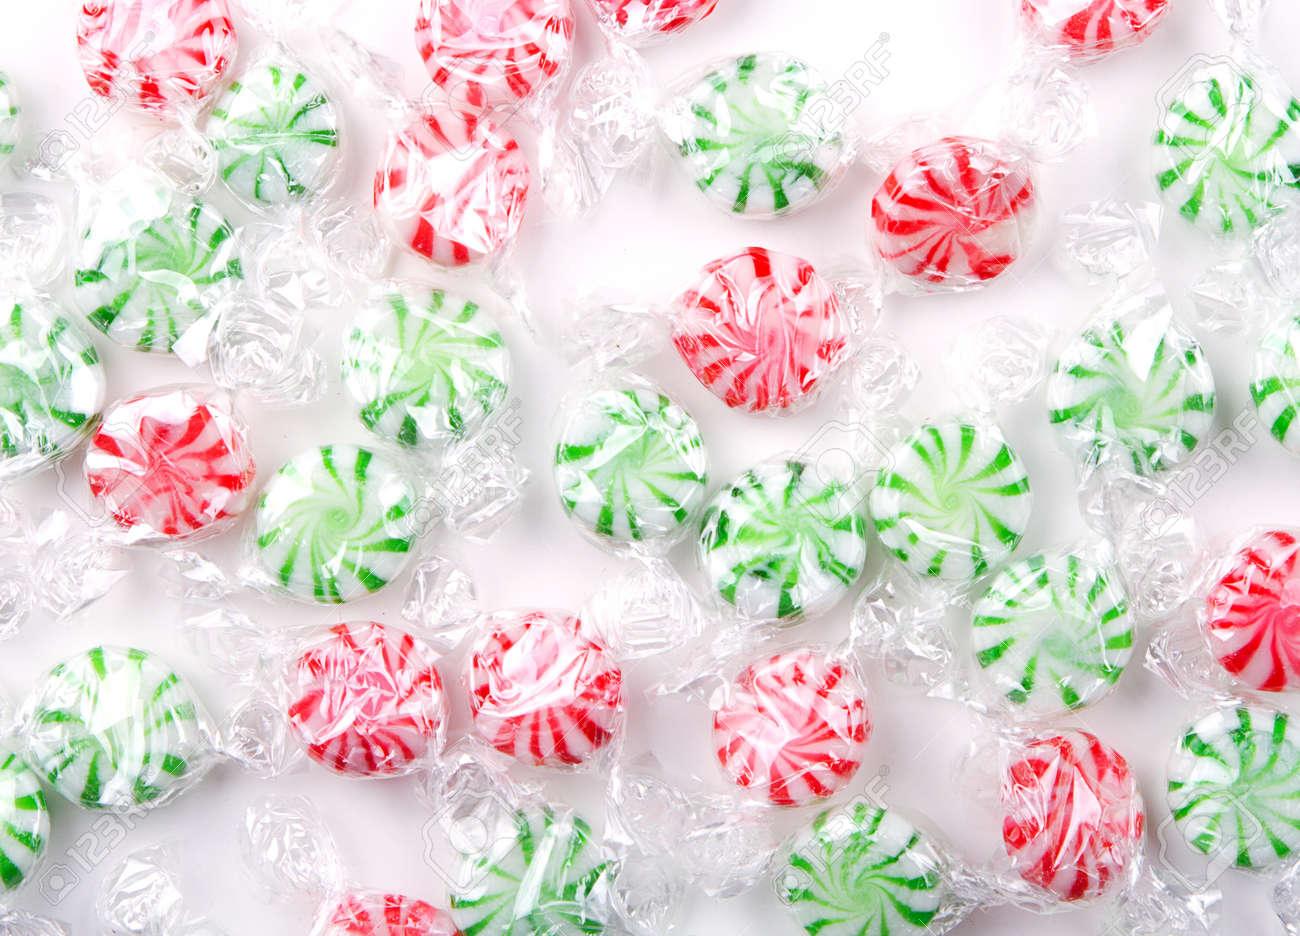 Caramelos De Navidad. Quizs Tambin Le Interese. Bastn De Caramelo ...